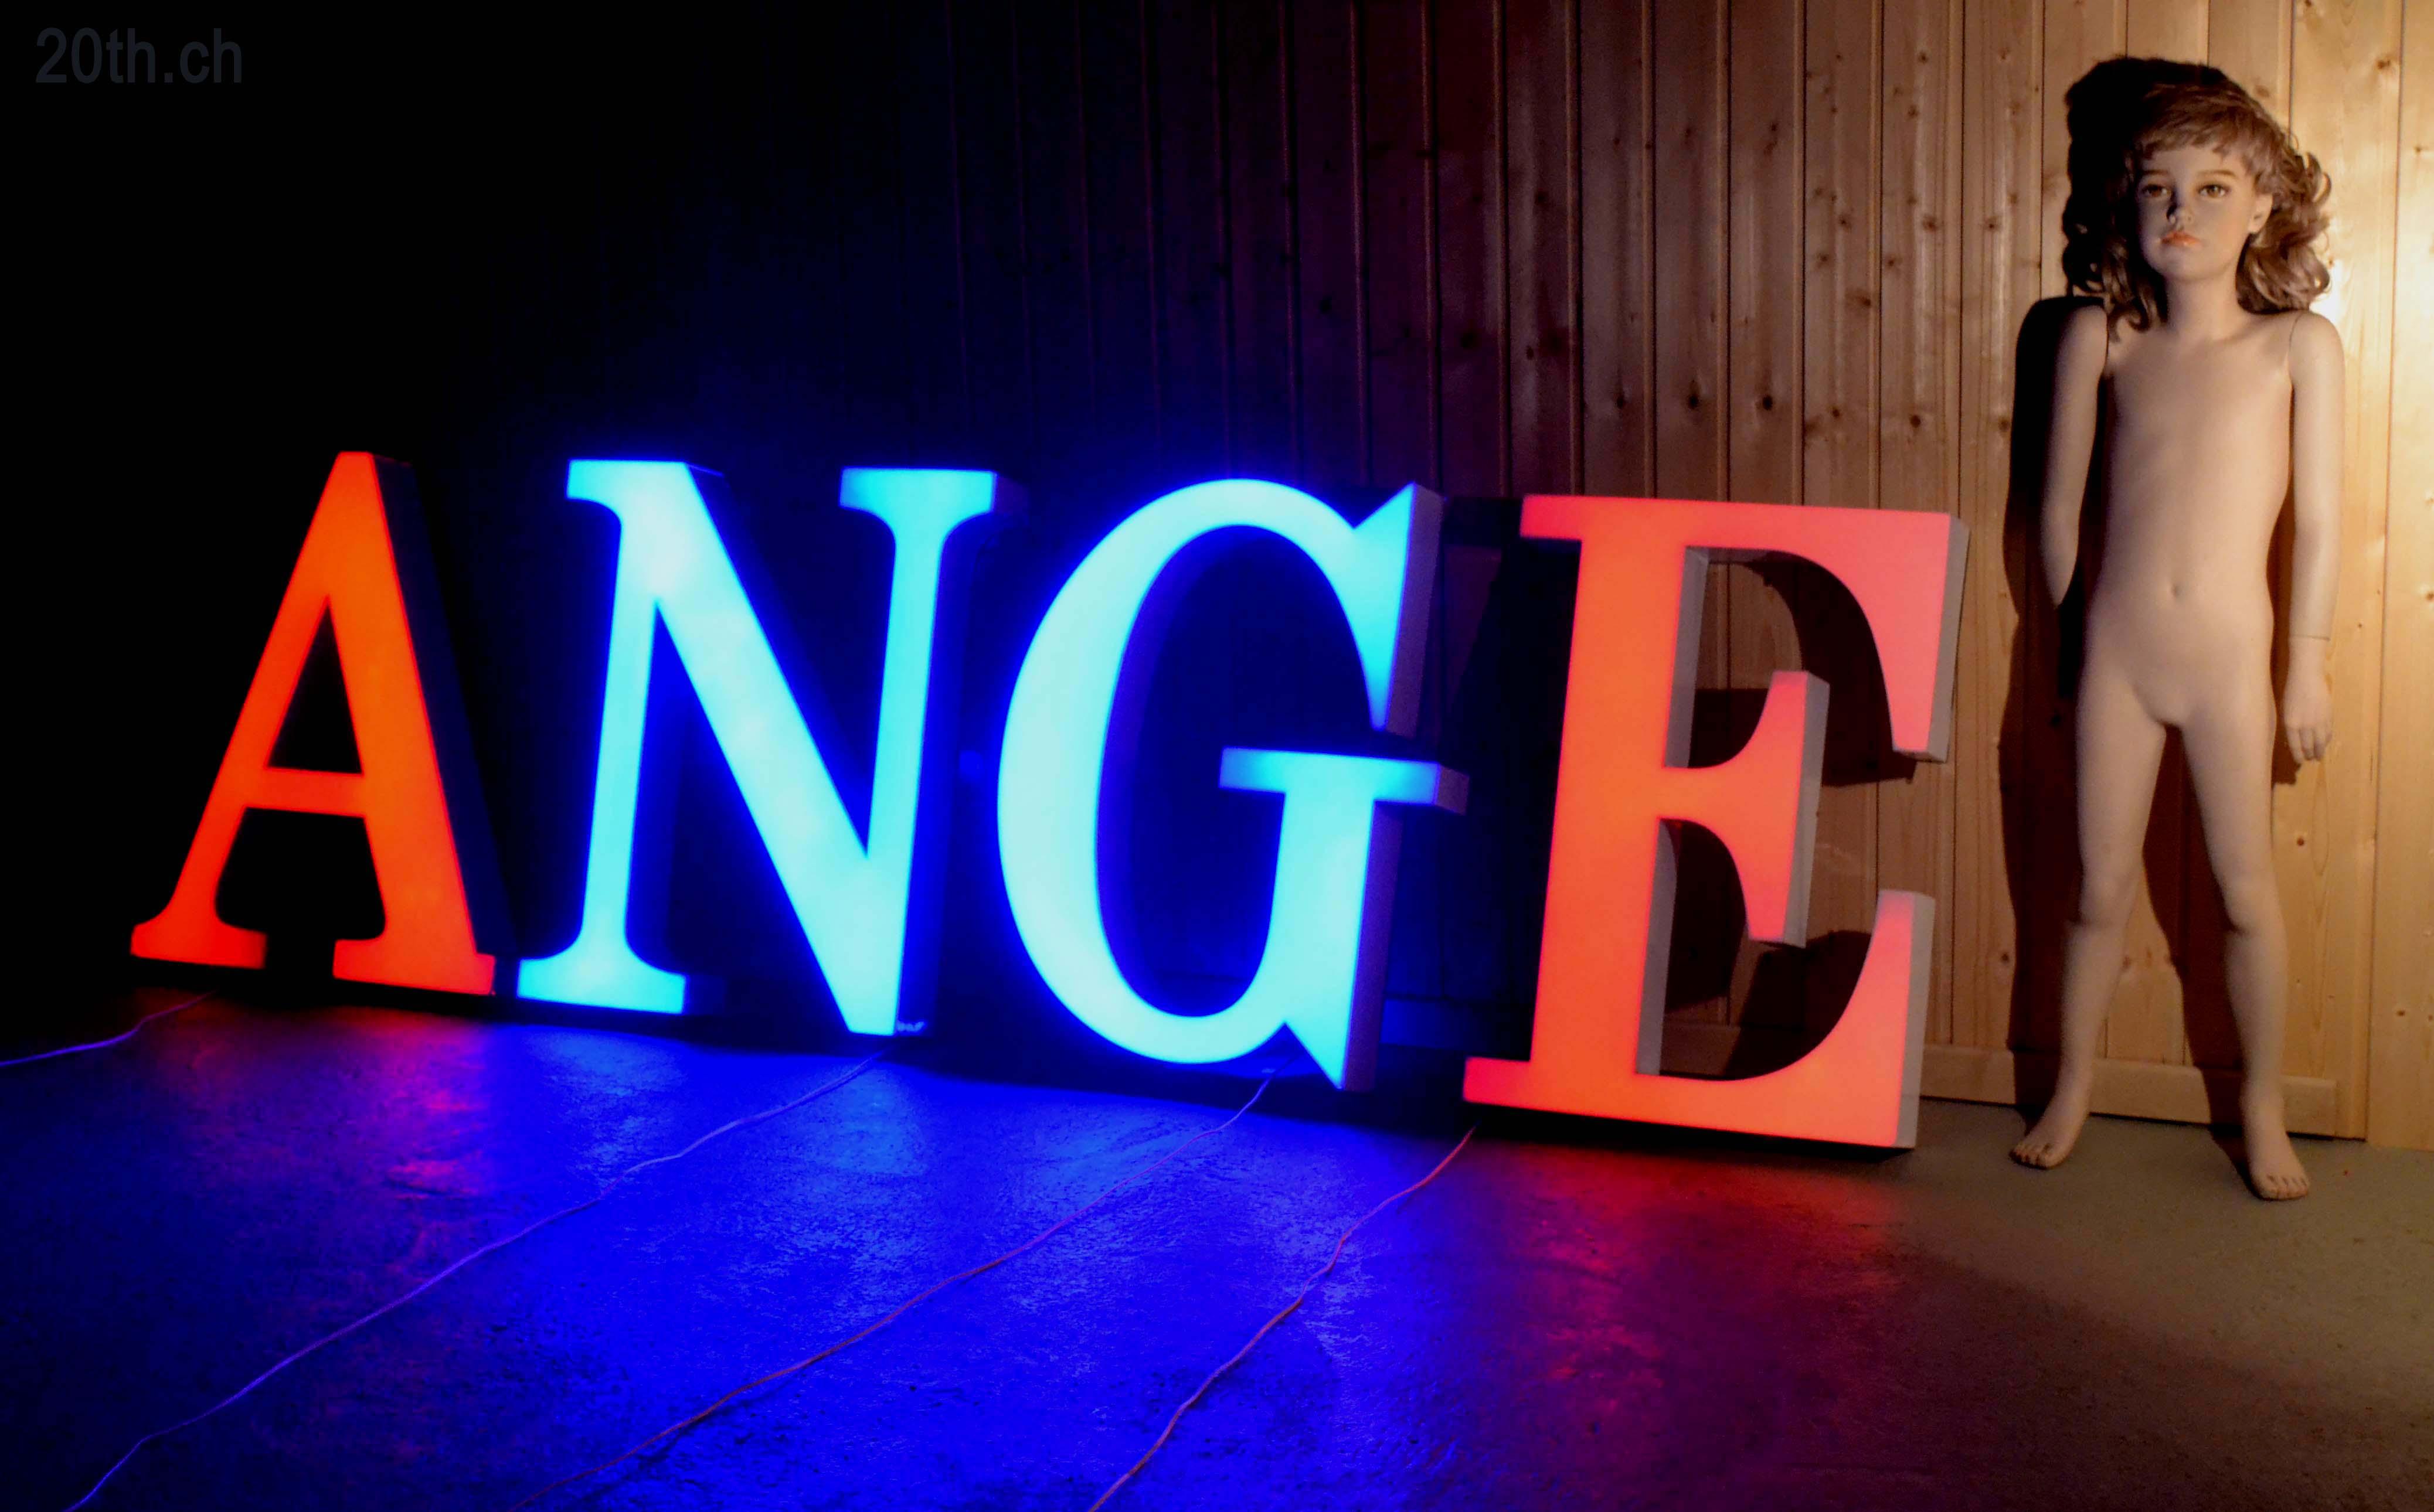 Des lettres d 39 enseigne vintage lettres d pareill es lumineuses lettres - Lettre enseigne vintage ...